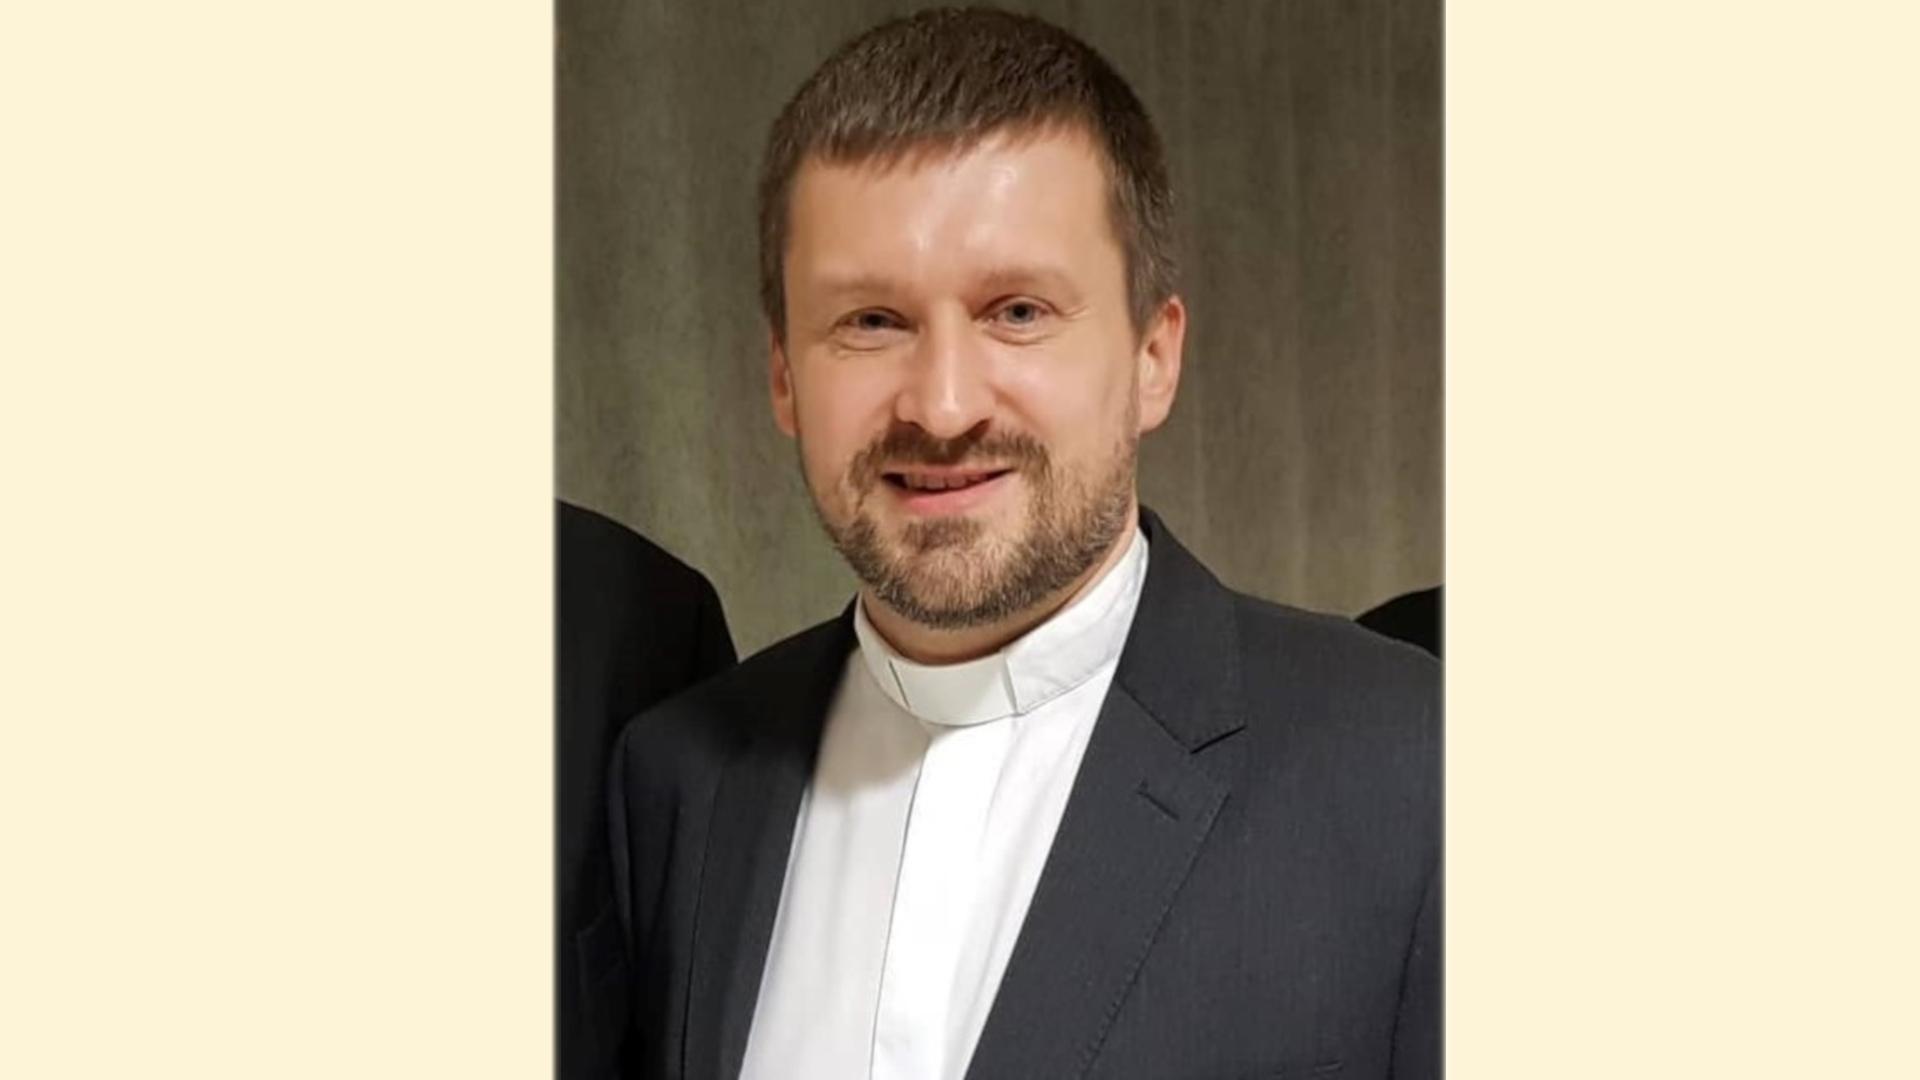 Robert Tšerenkov